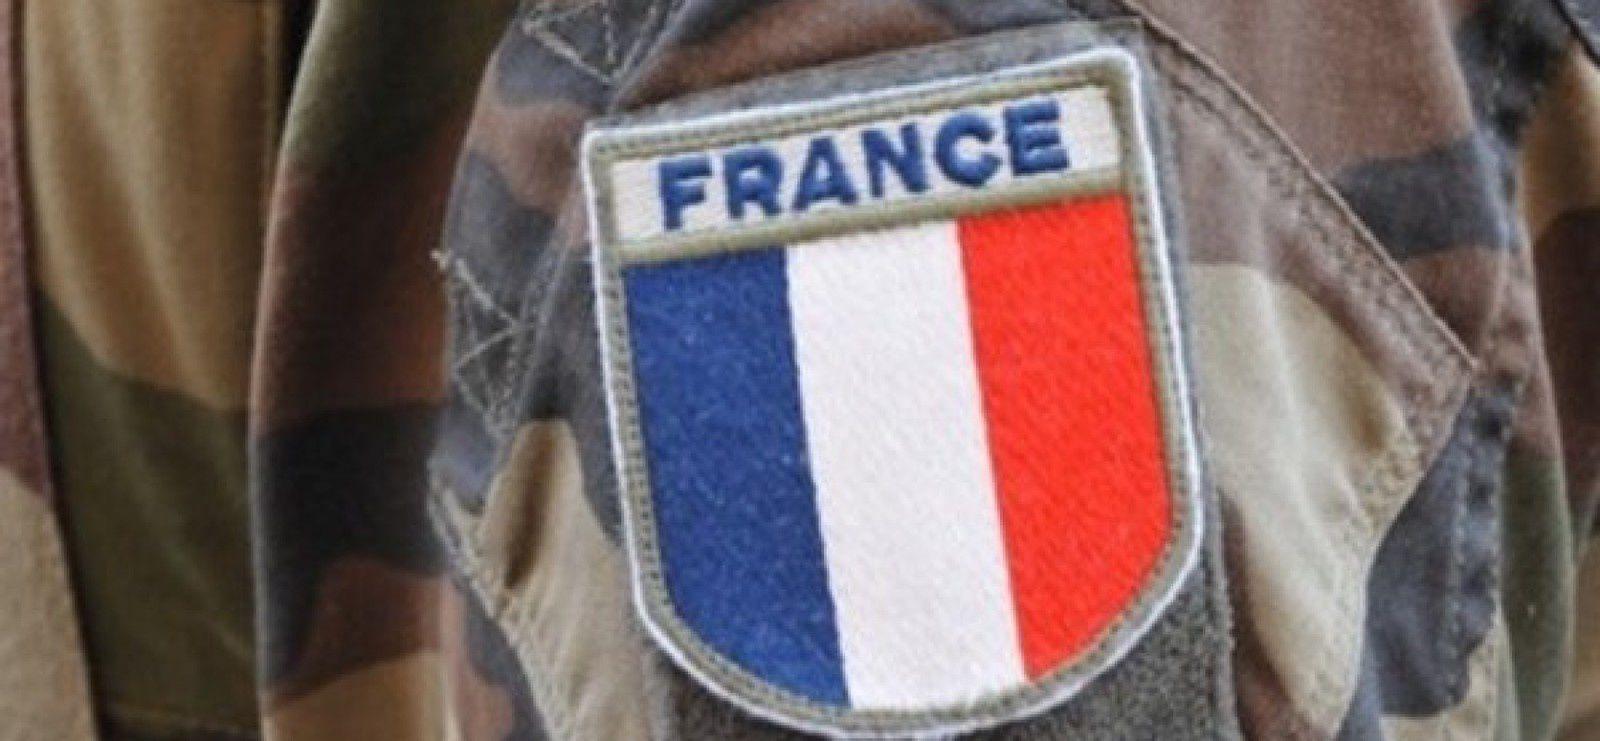 """Formation de soldats français à l'encadrement de Daesh 9494 vues 25 octobre 2016 17 commentaires Mensonges & Manipulation Réseau International Formation de soldats français à l'encadrement de Daesh  Partager la publication """"Formation de soldats français à l'encadrement de Daesh""""      Facebook0Twitter13Google+Total : 13  Le 22 septembre 2016, en nettoyant les abords d'un refuge troglodyte abandonné, non loin de l'église Saint-Florent, à la sortie de Saumur (France), des travailleurs ont vu trois hommes s'enfuir précipitamment dans une fourgonnette blanche. En pénétrant dans la grotte, ils ont découvert du matériel vidéo, un groupe électrogène ainsi que des journaux en langue arabe et des drapeaux de Daesh.  Calmant l'émoi de la population, de la police et de la gendarmerie, et du sous-préfet, le général Arnaud Nicolazo de Barmon, commandant les Écoles militaires de Saumur, a déclaré qu'il ne s'agissait pas de terroristes, mais d'un exercice de formation du Centre interarmées de la défense nucléaire, radiologique, biologique et chimique (CIA NBCR).  Si tel était le cas, le CIA NBCR aurait violé les règles de notification de cet exercice, avant sa réalisation, auprès des différents pouvoirs publics locaux. En outre, on ne voit pas en quoi ce matériel aurait une quelconque utilité pour des exercices de défense nucléaire, radiologique, biologique ou chimique.  Dans les mêmes locaux que le CIA NBCR à Saumur se trouvent des écoles spécialisées dans le Renseignement et le Combat interarmes.  Depuis le tout début des événements en Syrie, en 2011, la présence de Forces françaises y est attestée. En 2012, 19 soldats français qui avaient été faits prisonniers avaient été restitués au Liban au chef d'état-major des armées, l'amiral Édouard Guillaud, avec d'autres soldats encadrant l'Émirat islamique de Baba Amr. La mort de soldats français encadrant des troupes islamistes a été certifiée en de nombreux endroits, notamment à Sannayeh en 2013. Bien que la France ait, en 2014, sout"""